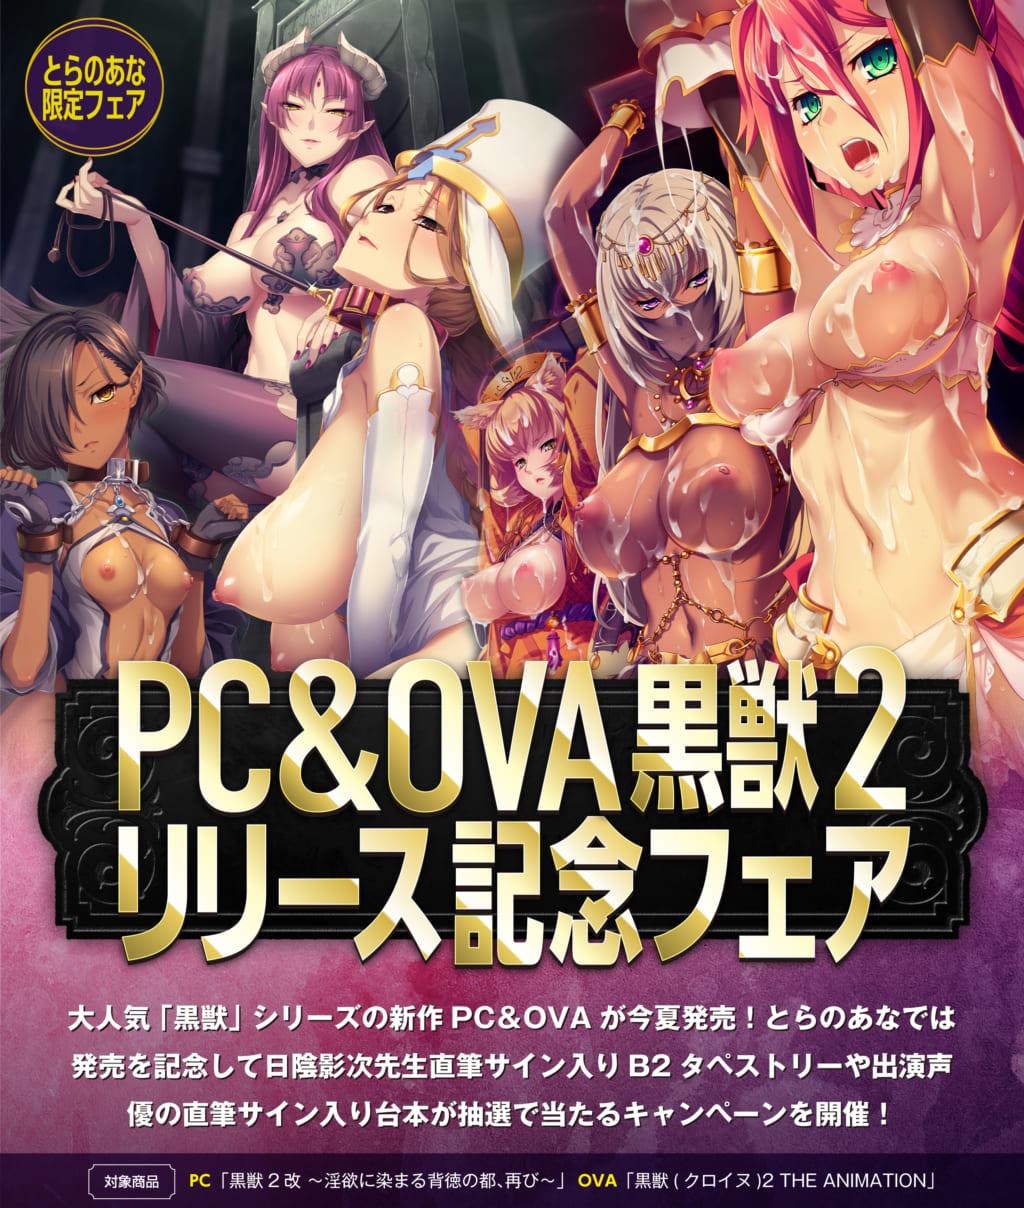 PC&OVA黒獣2:リリース記念フェアが開催決定!!!